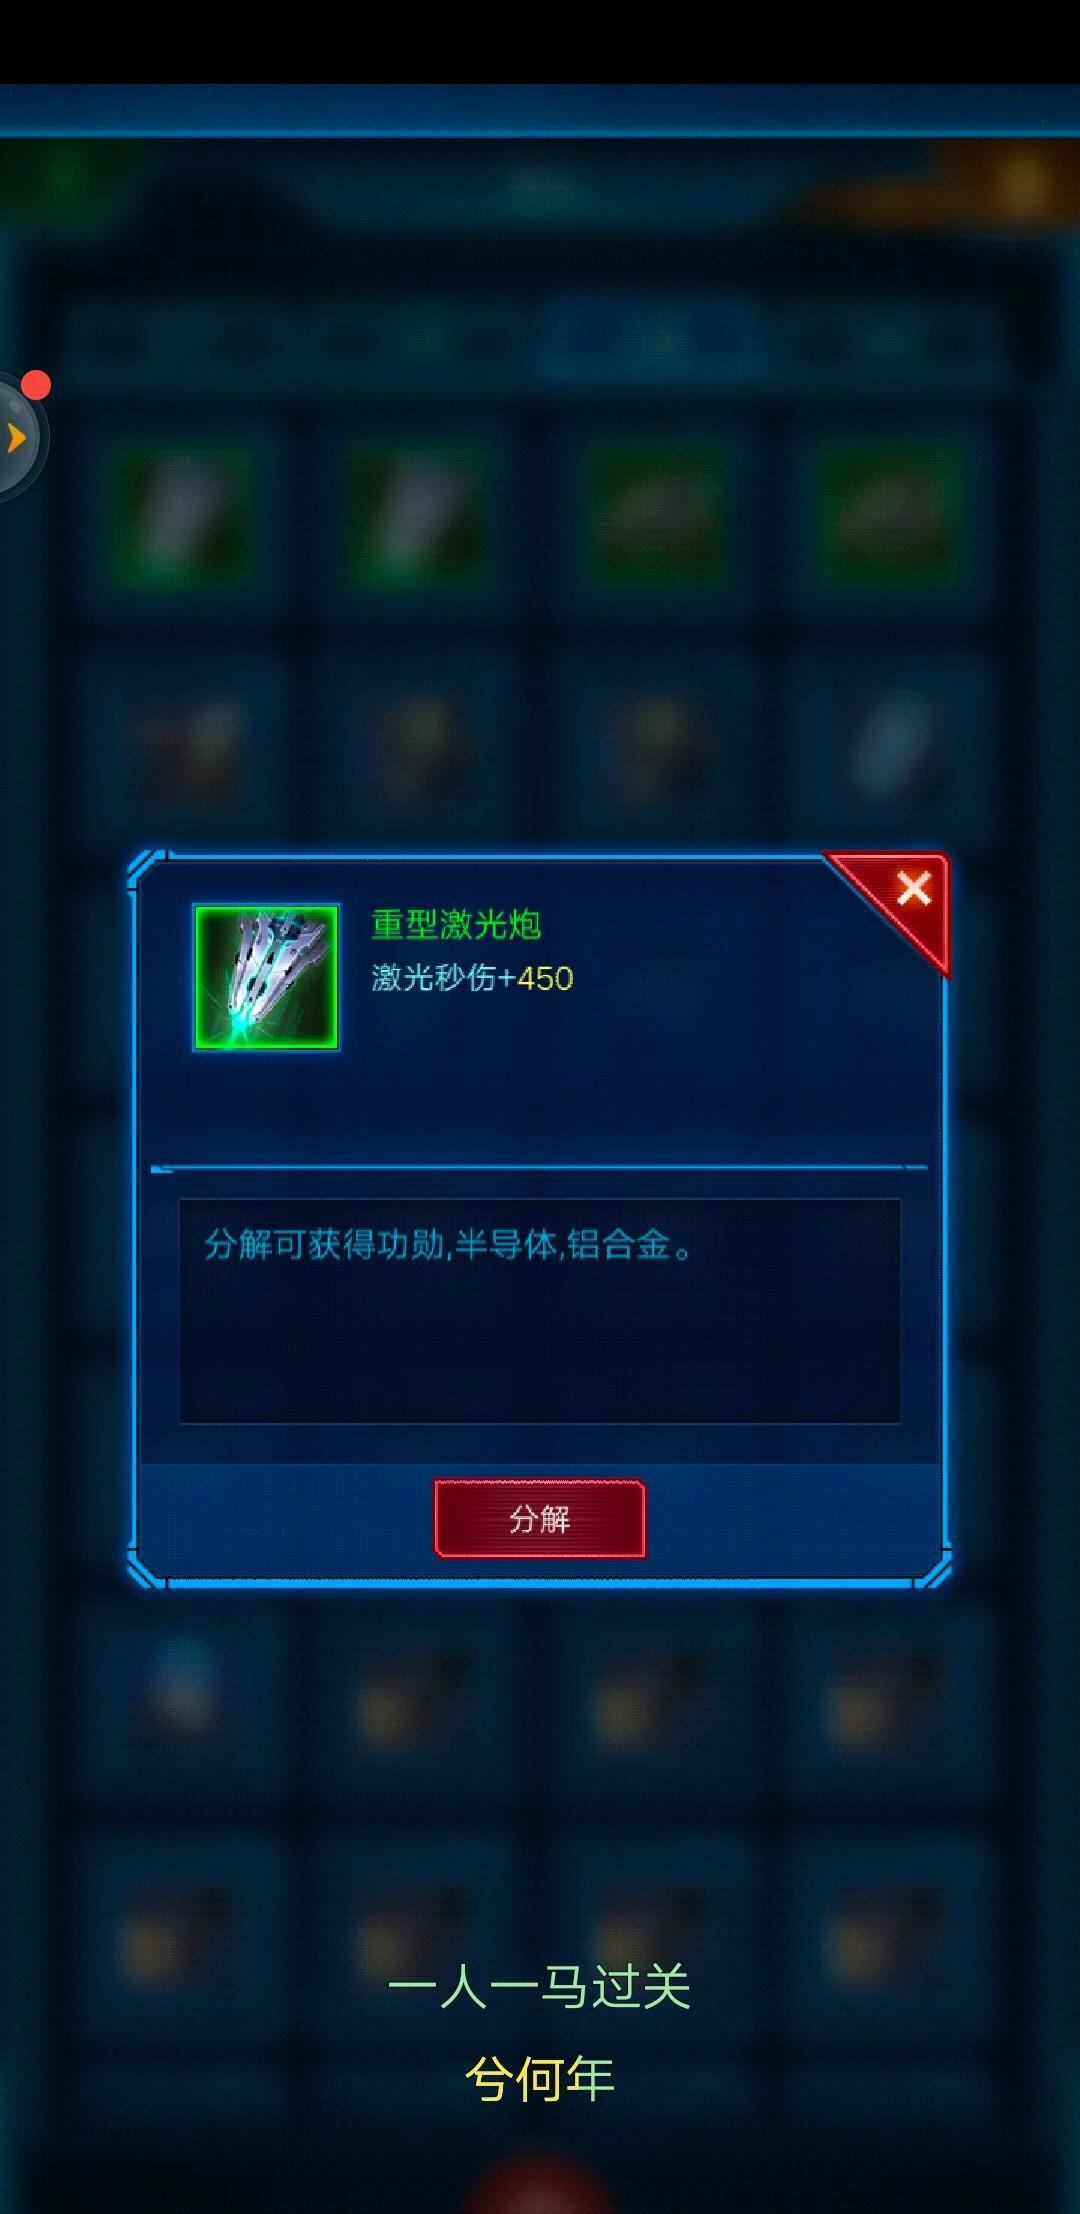 Screenshot_2019_0408_182636.jpg